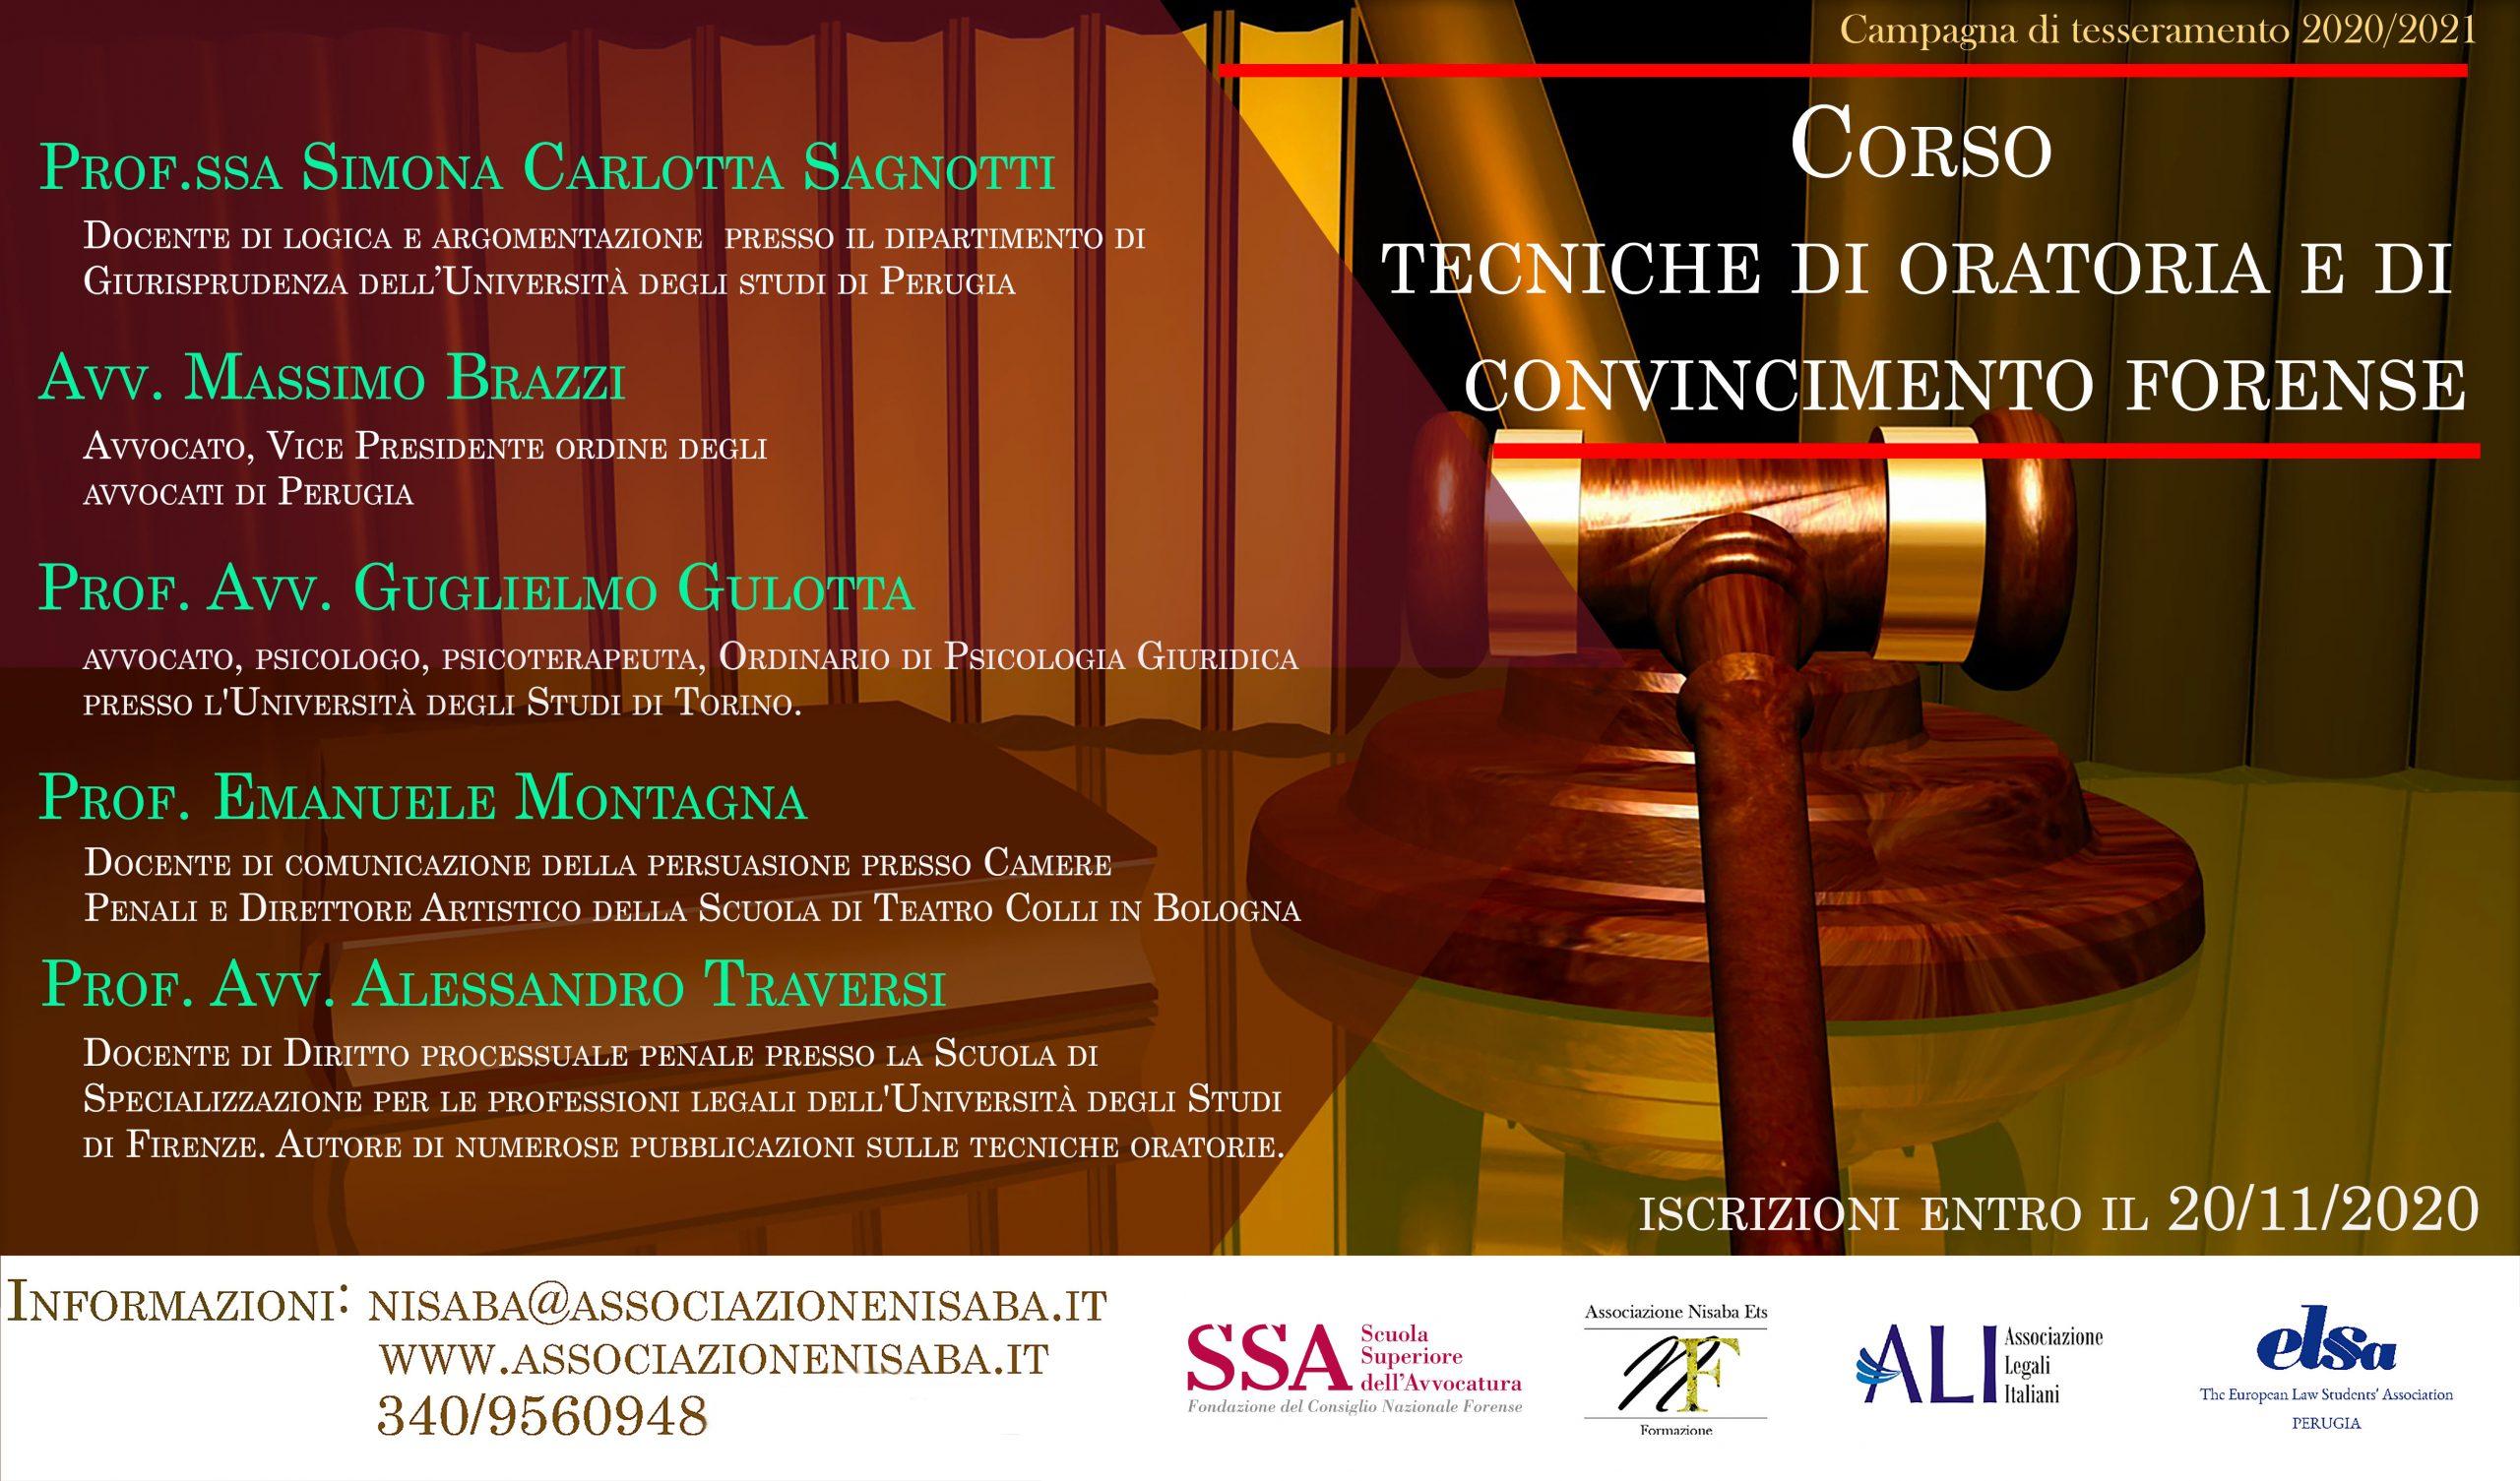 Corso Online Tecniche di Oratoria e di Convincimento Forense